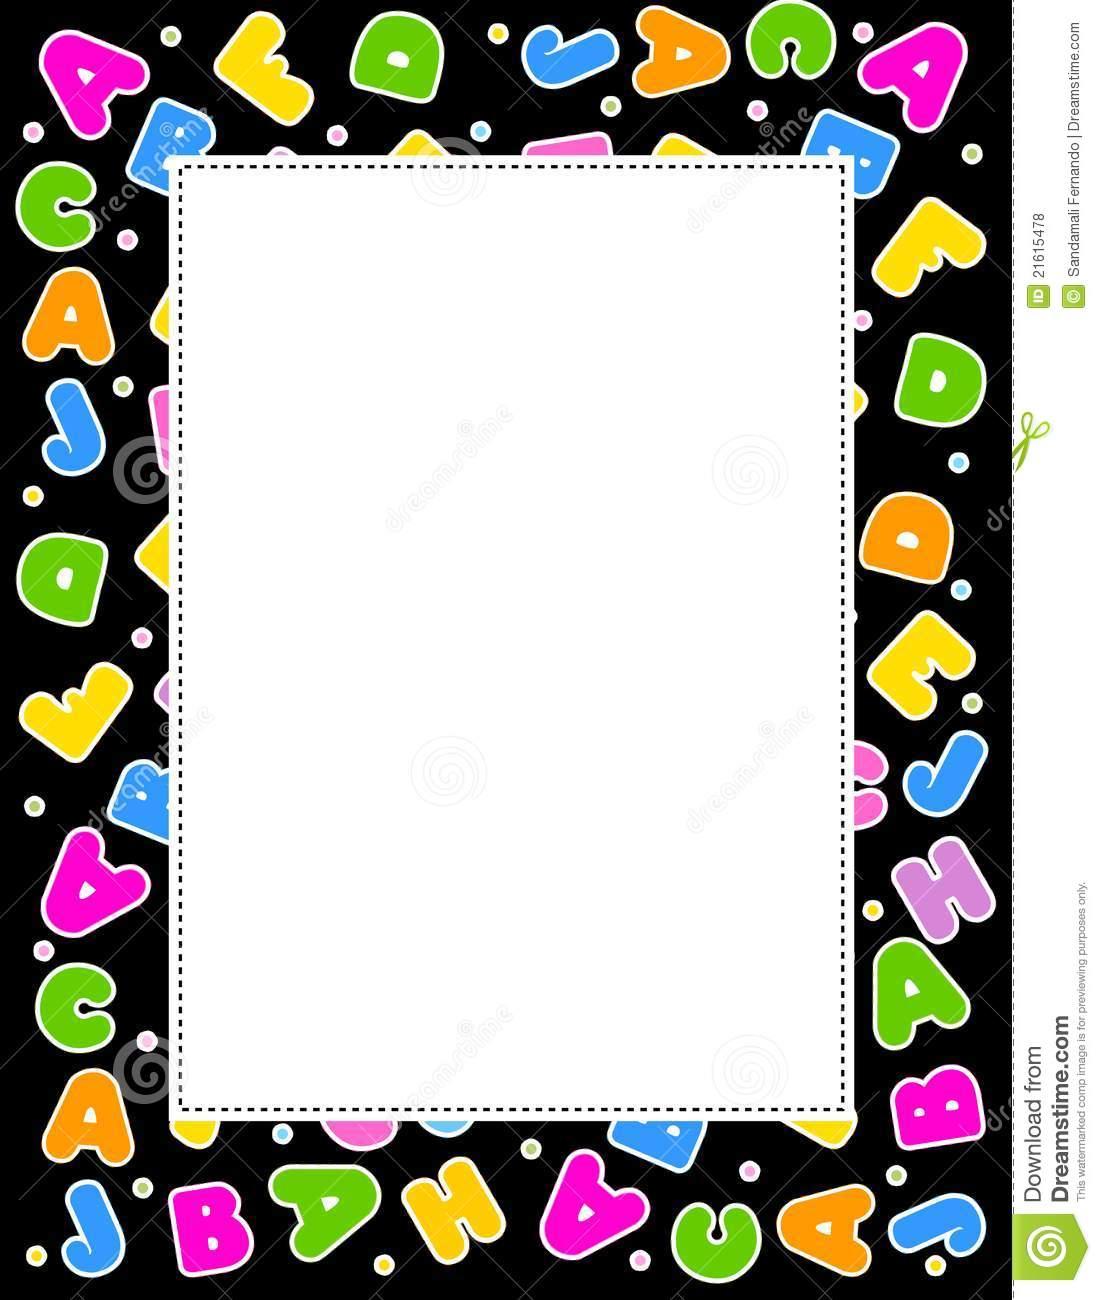 Letter clipart abc border vector transparent Abc Border Clipart - Clipart Kid vector transparent